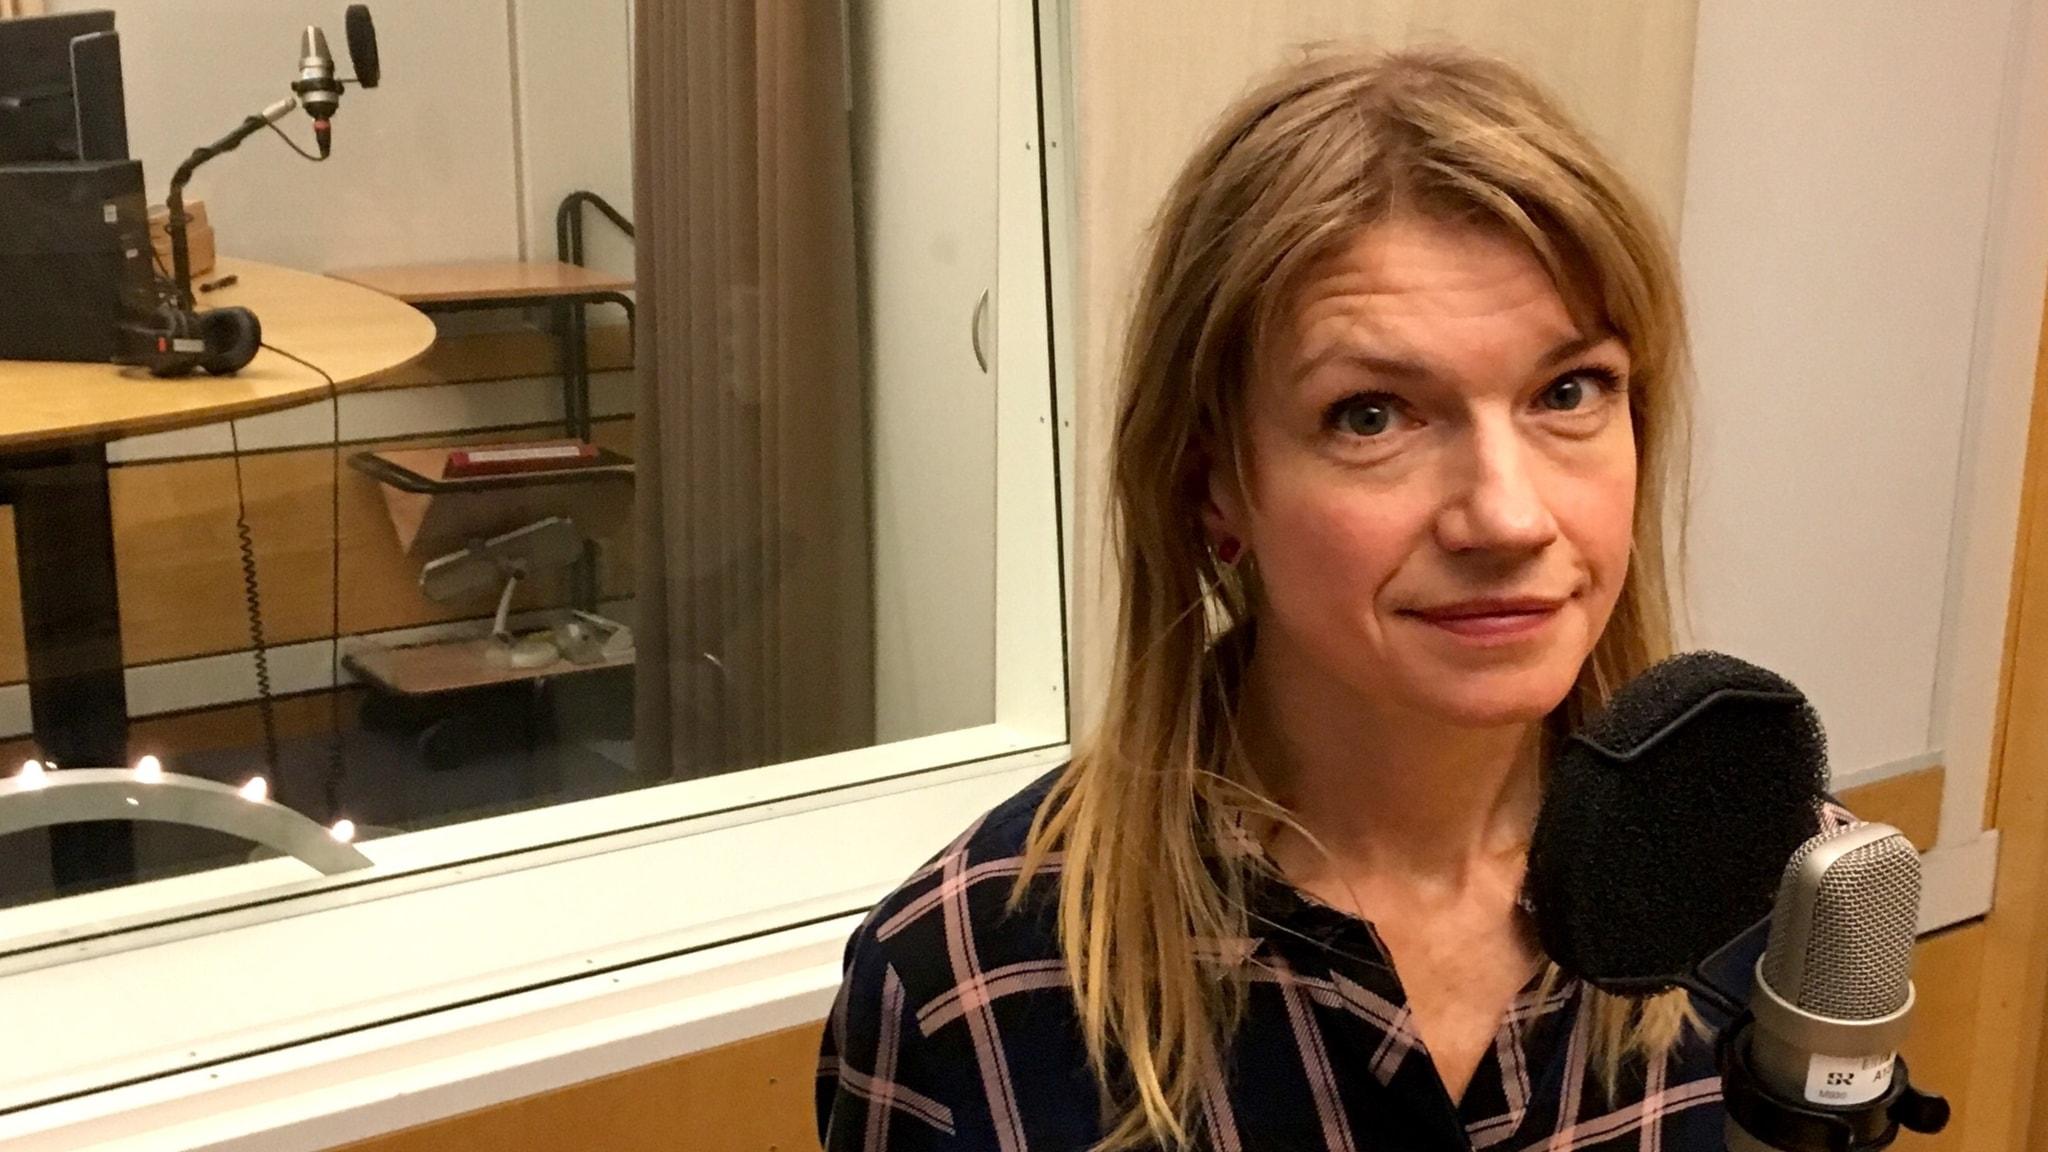 Hör Cecilia Frode om Från det blå skåpet och #metoo.